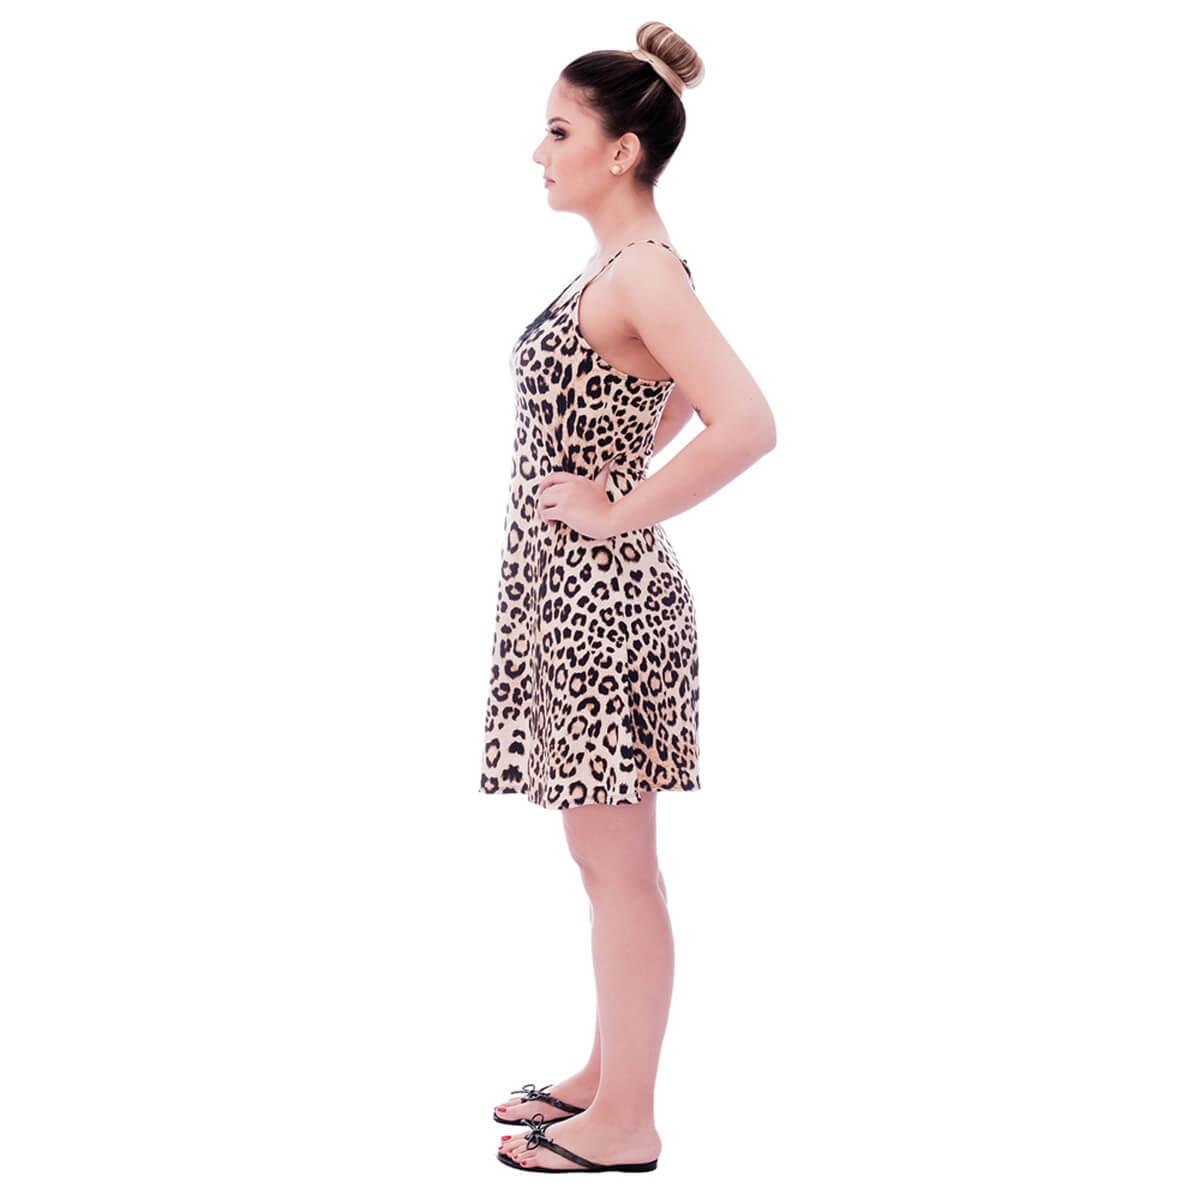 Camisola Feminina de Alça Fina Estampa Animal Print de Onça com Renda Guipir Preta no Decote